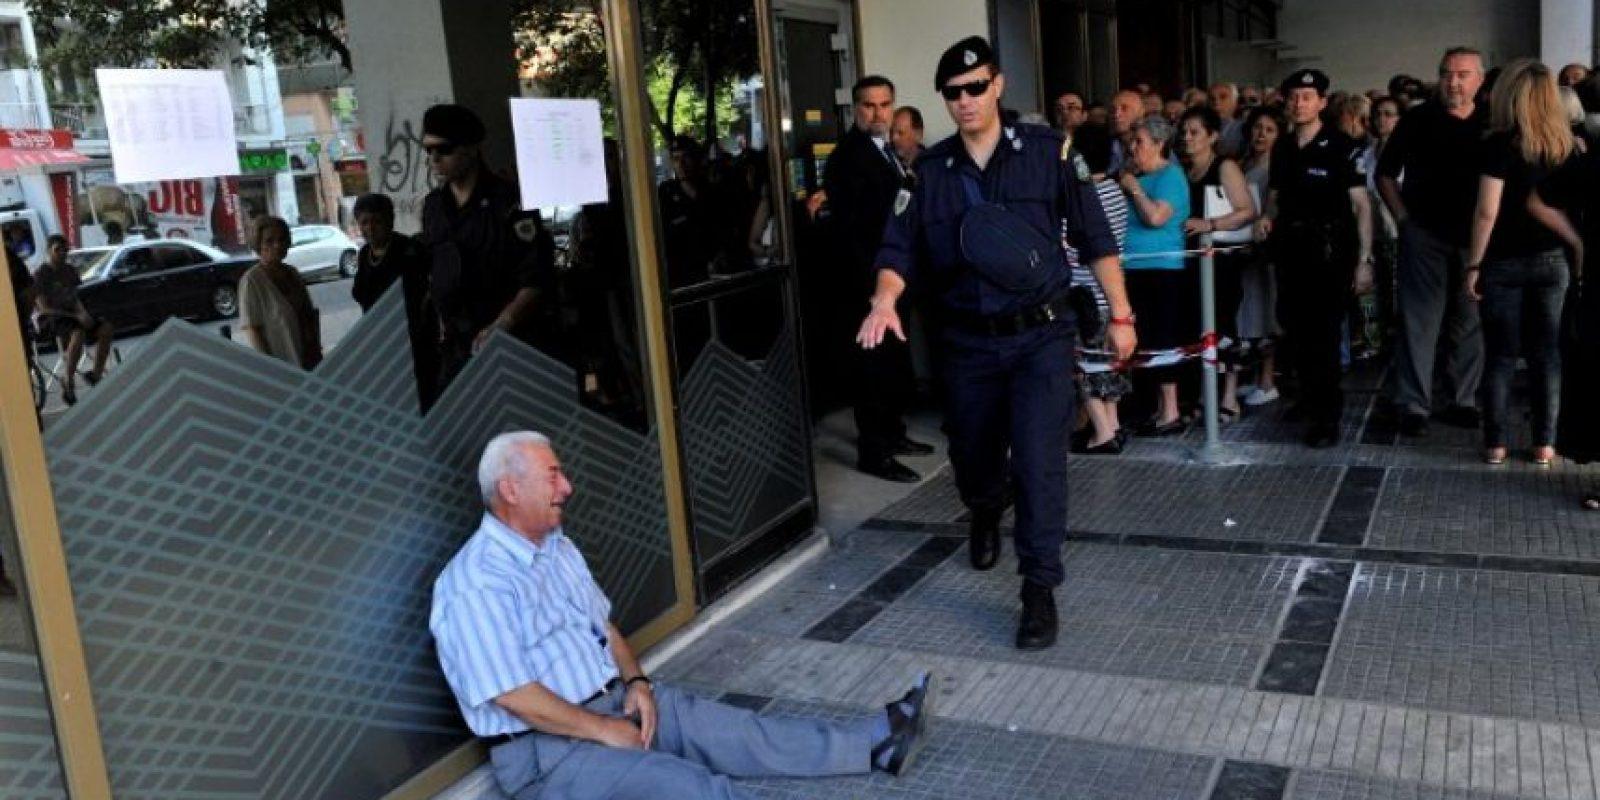 Los pensionados son los más afectados, pues en caso de permanecer en el Eurogrupo y aceptar sus propuestas, habría una serie de recortes a sus ingresos Foto:AFP